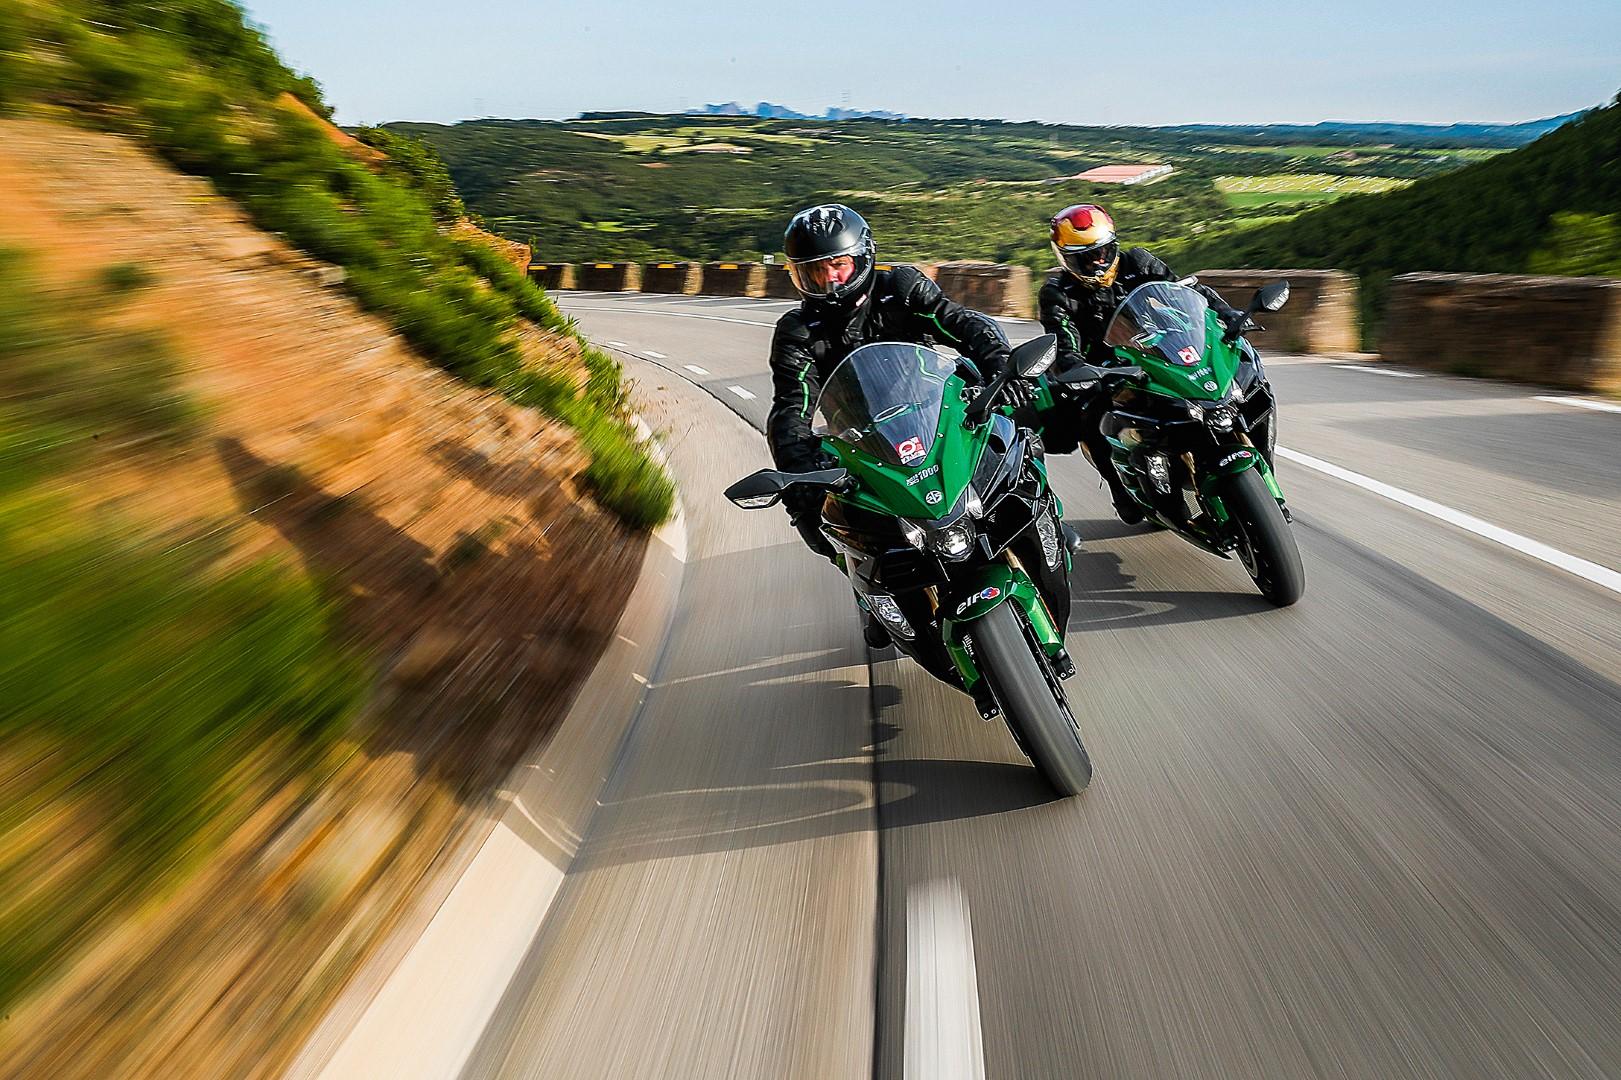 Desafío Ninja H2 SX en la Rider 1000